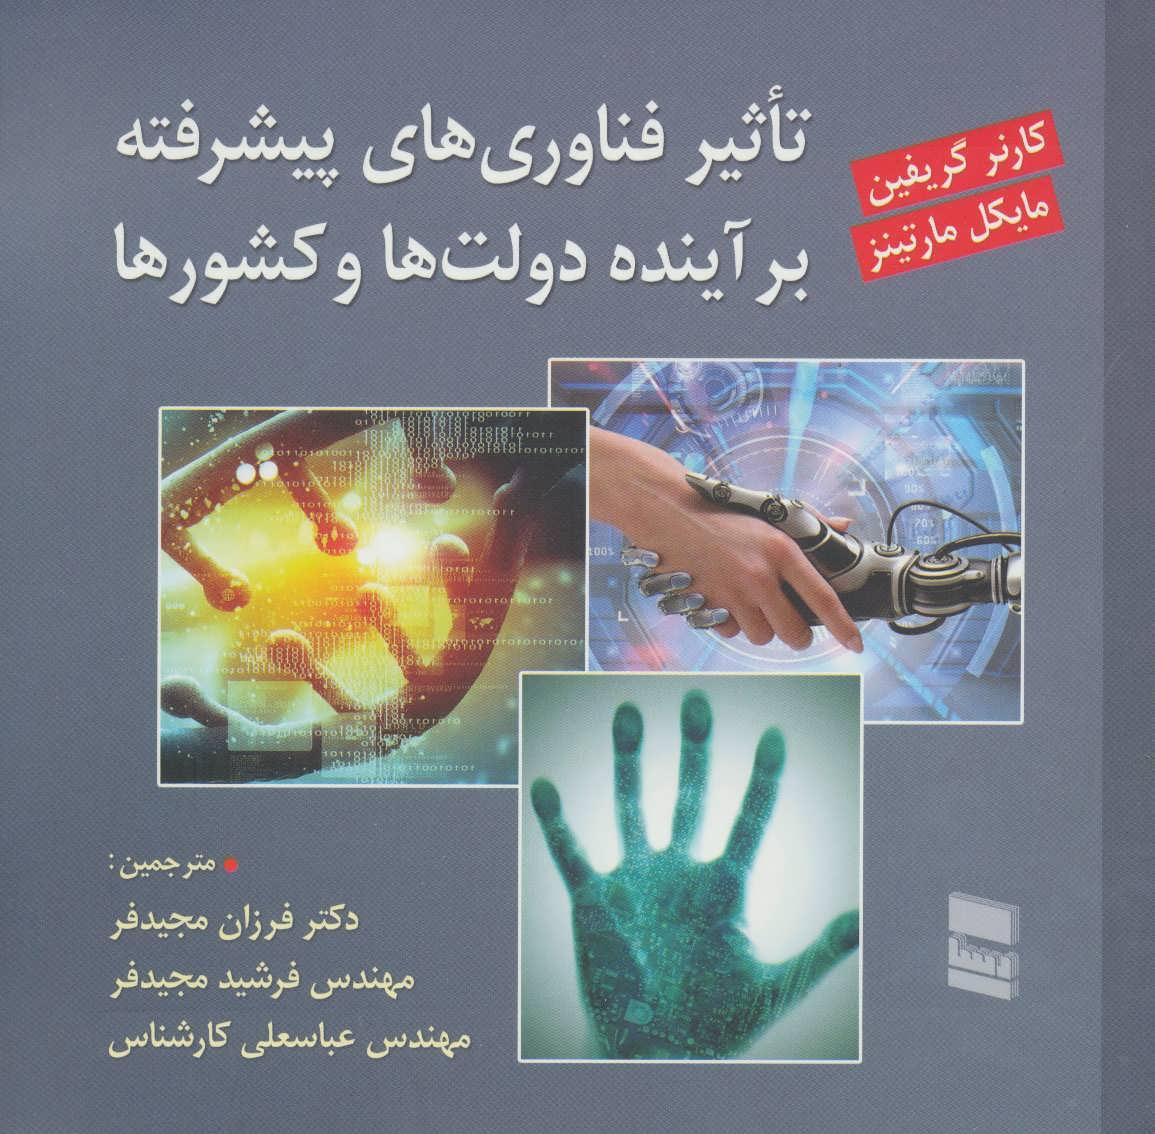 کتاب تاثیر فناوریهای پیشرفته بر آینده دولتها و کشورها